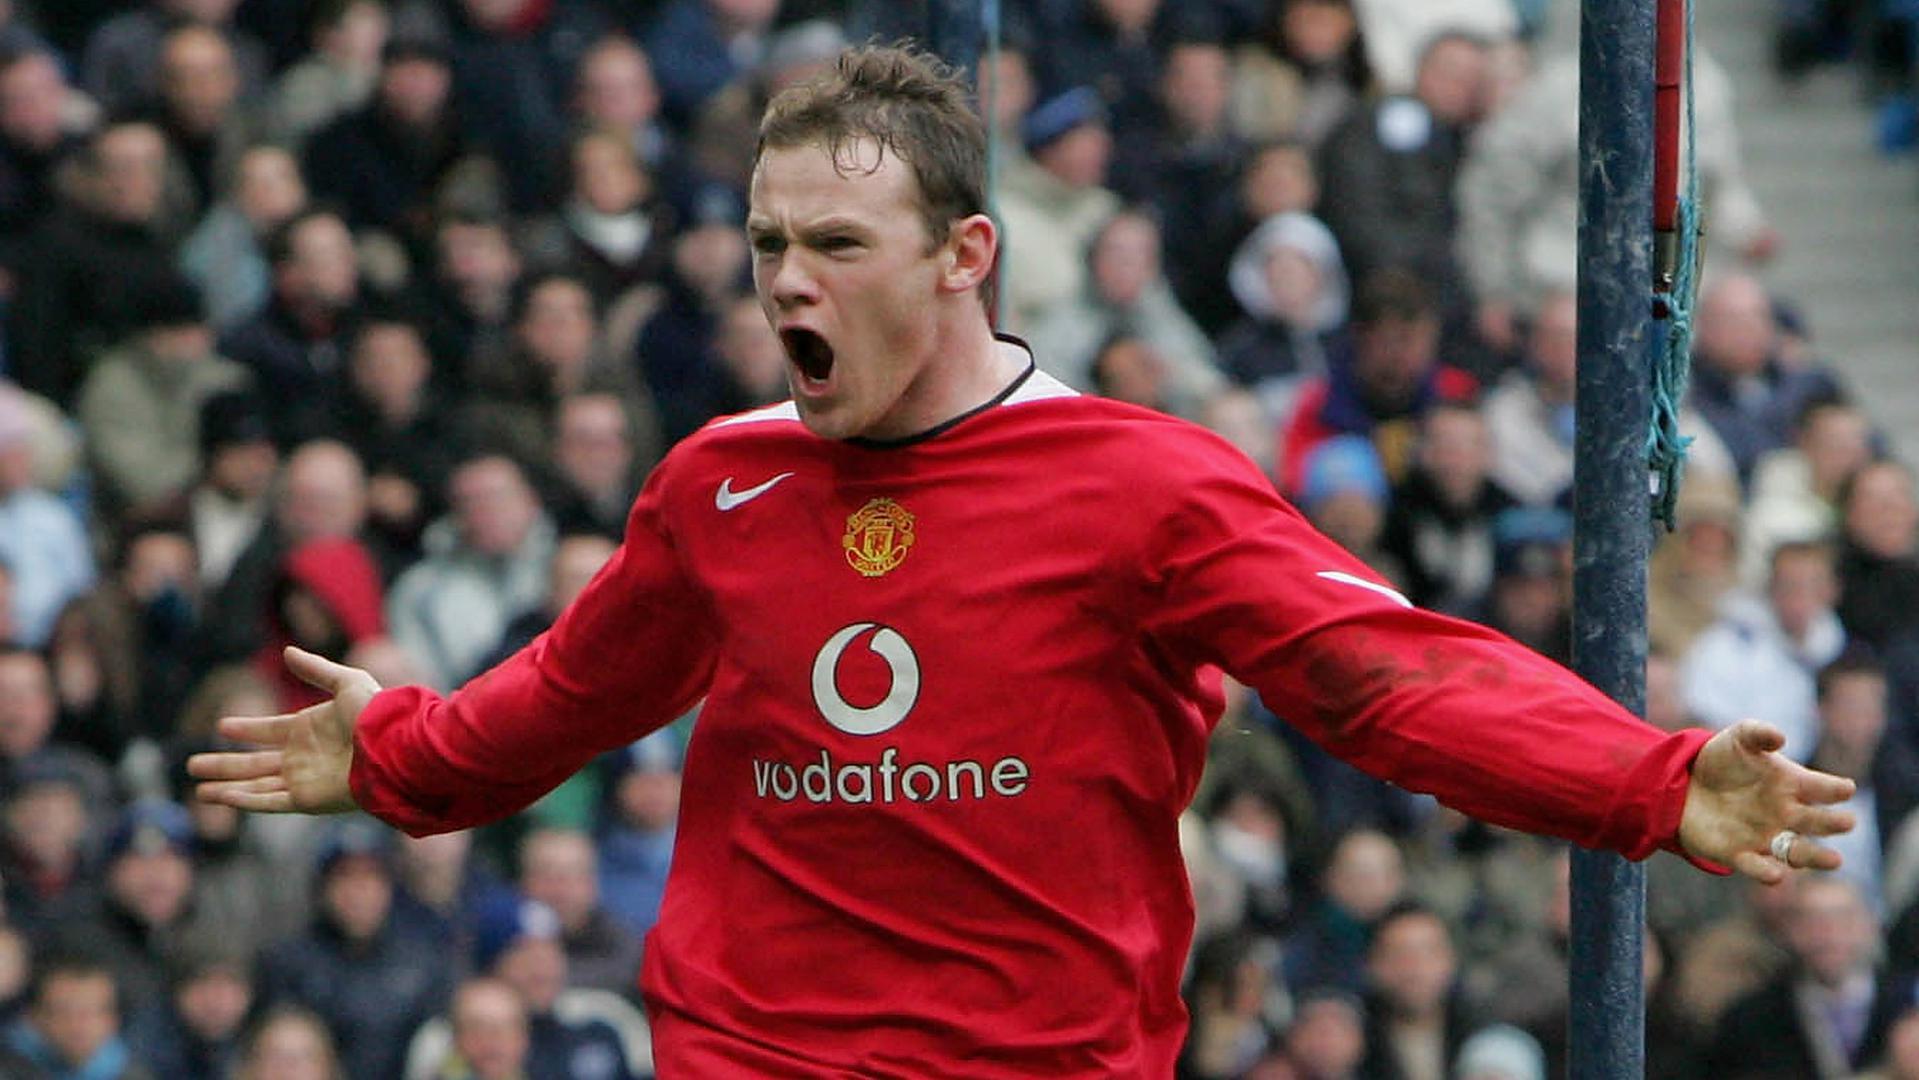 Man Utd greatest scorer Wayne Rooney retires leaving so many good memories | Manchester United